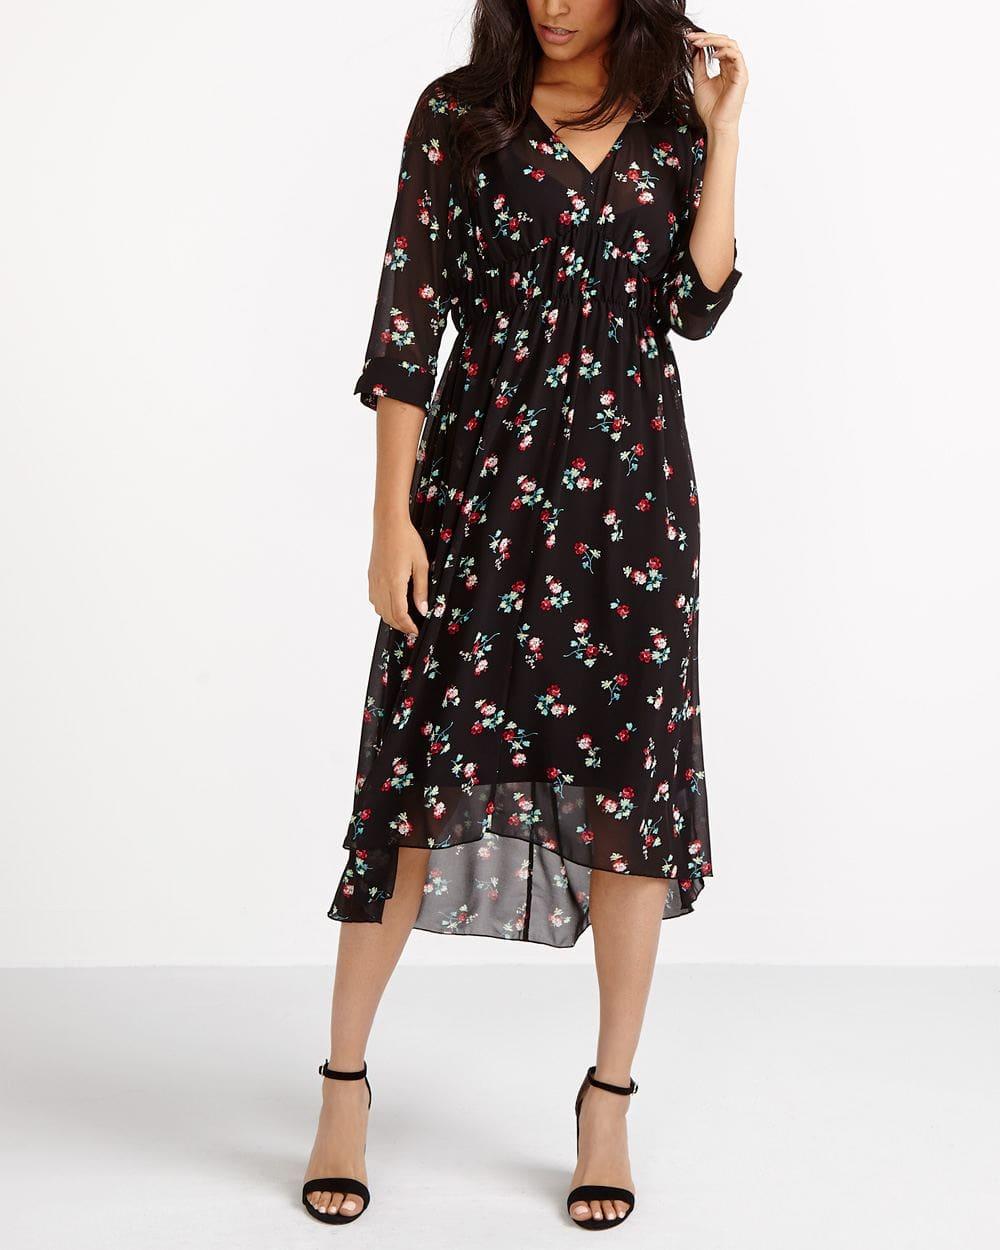 Chiffon Printed Dress